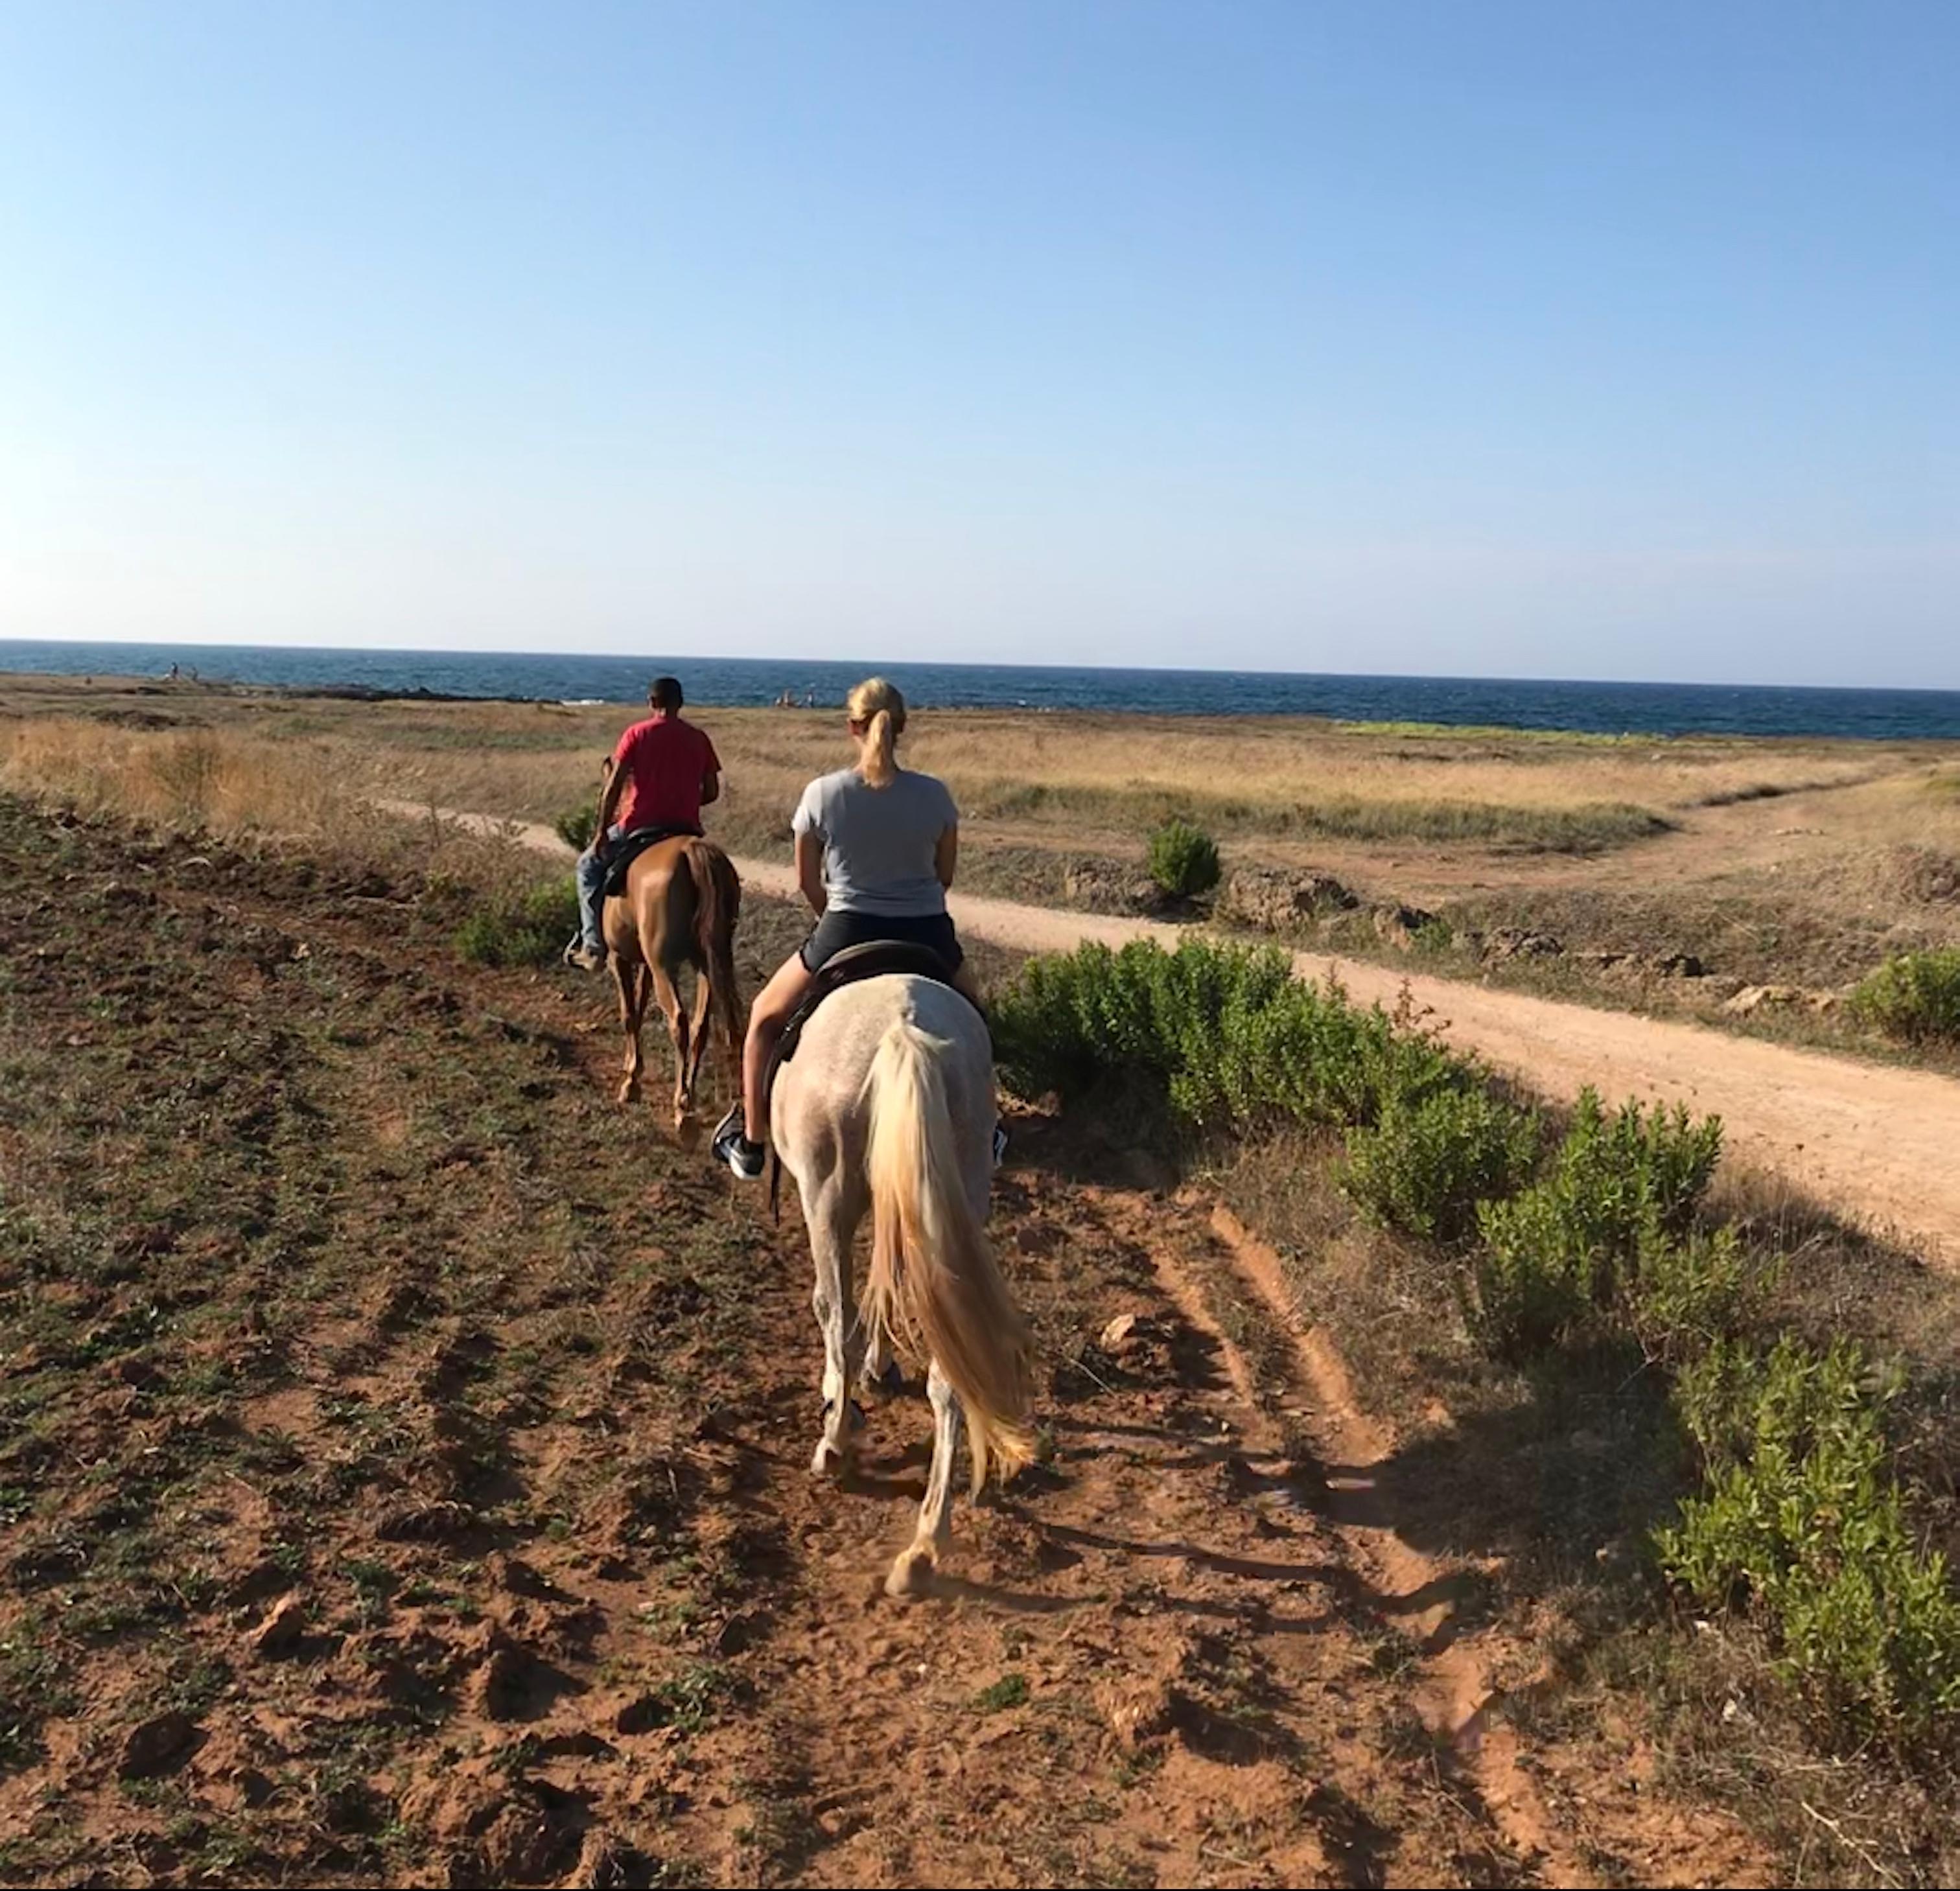 passeggiata-cavallo-mare-marina-ostuni